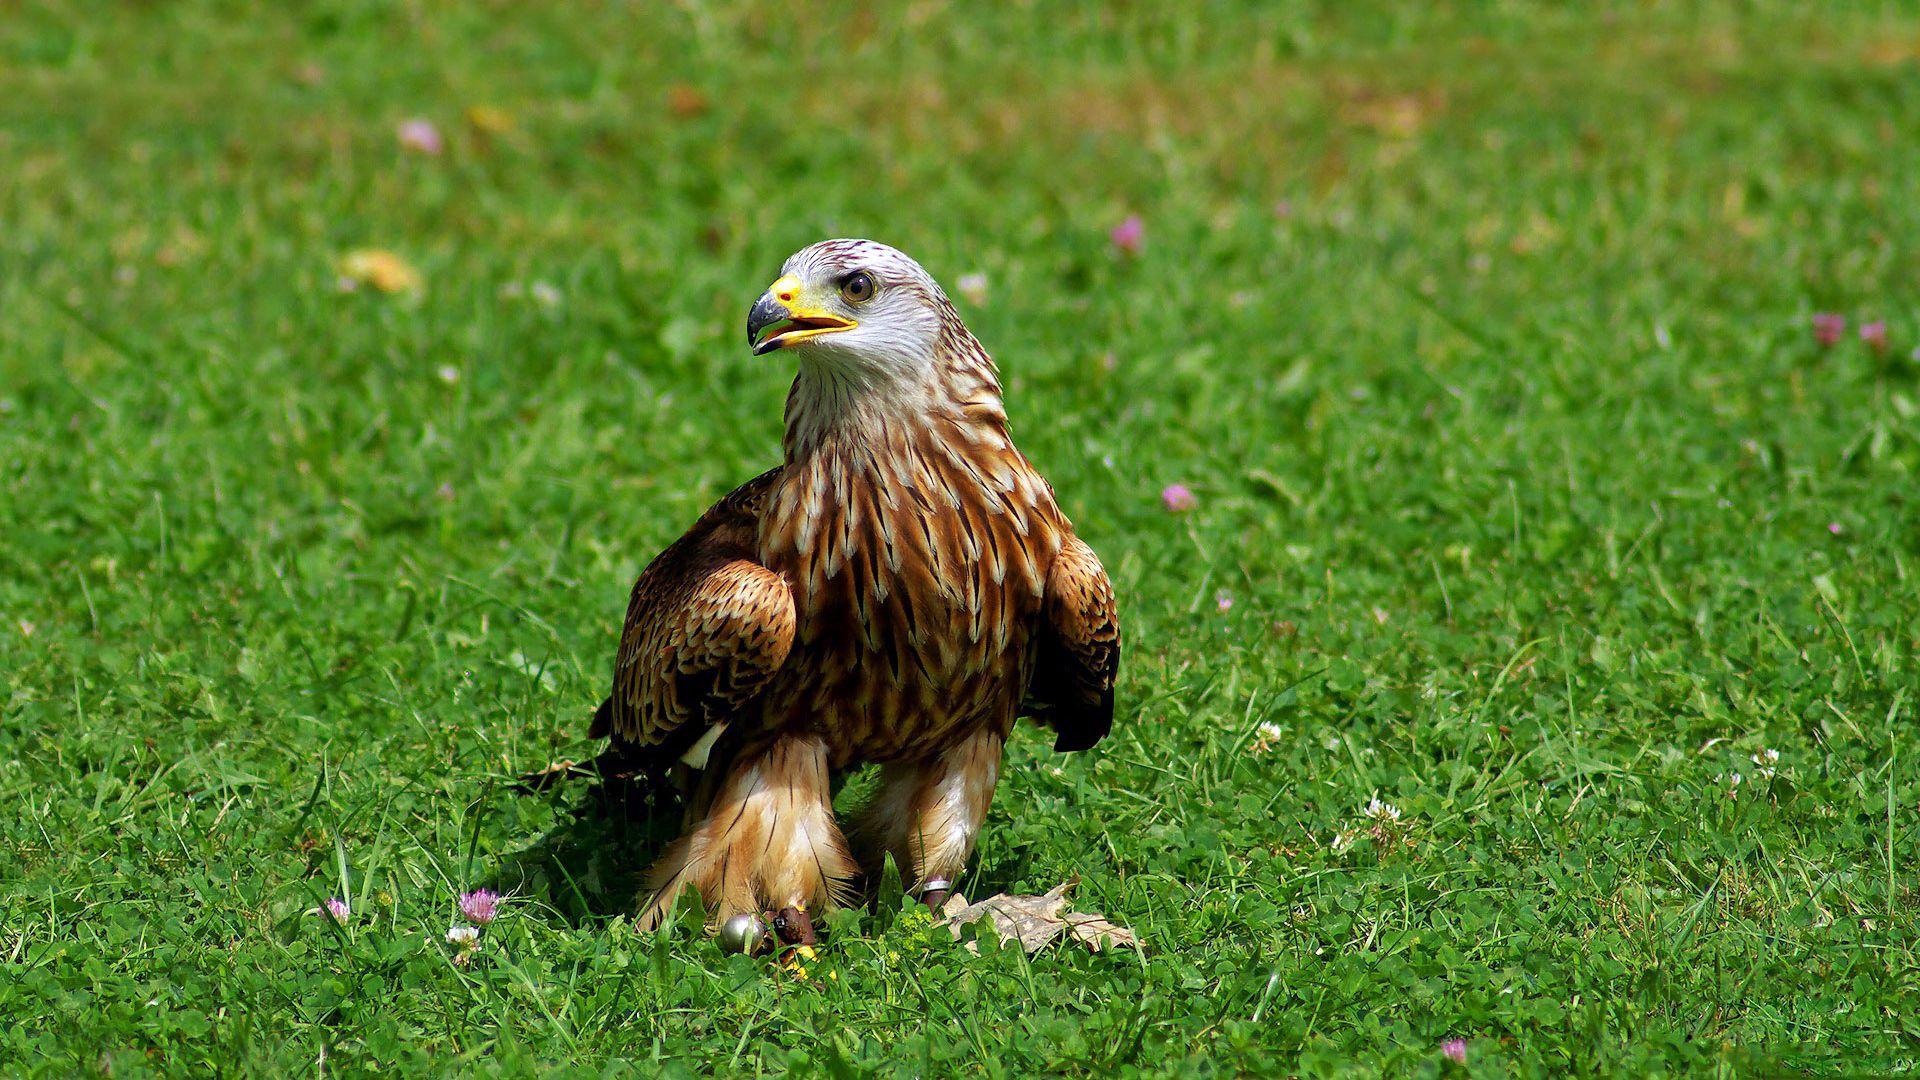 141880 Hintergrundbild herunterladen Vogel, Raubtier, Tiere, Grass, Predator, Adler - Bildschirmschoner und Bilder kostenlos